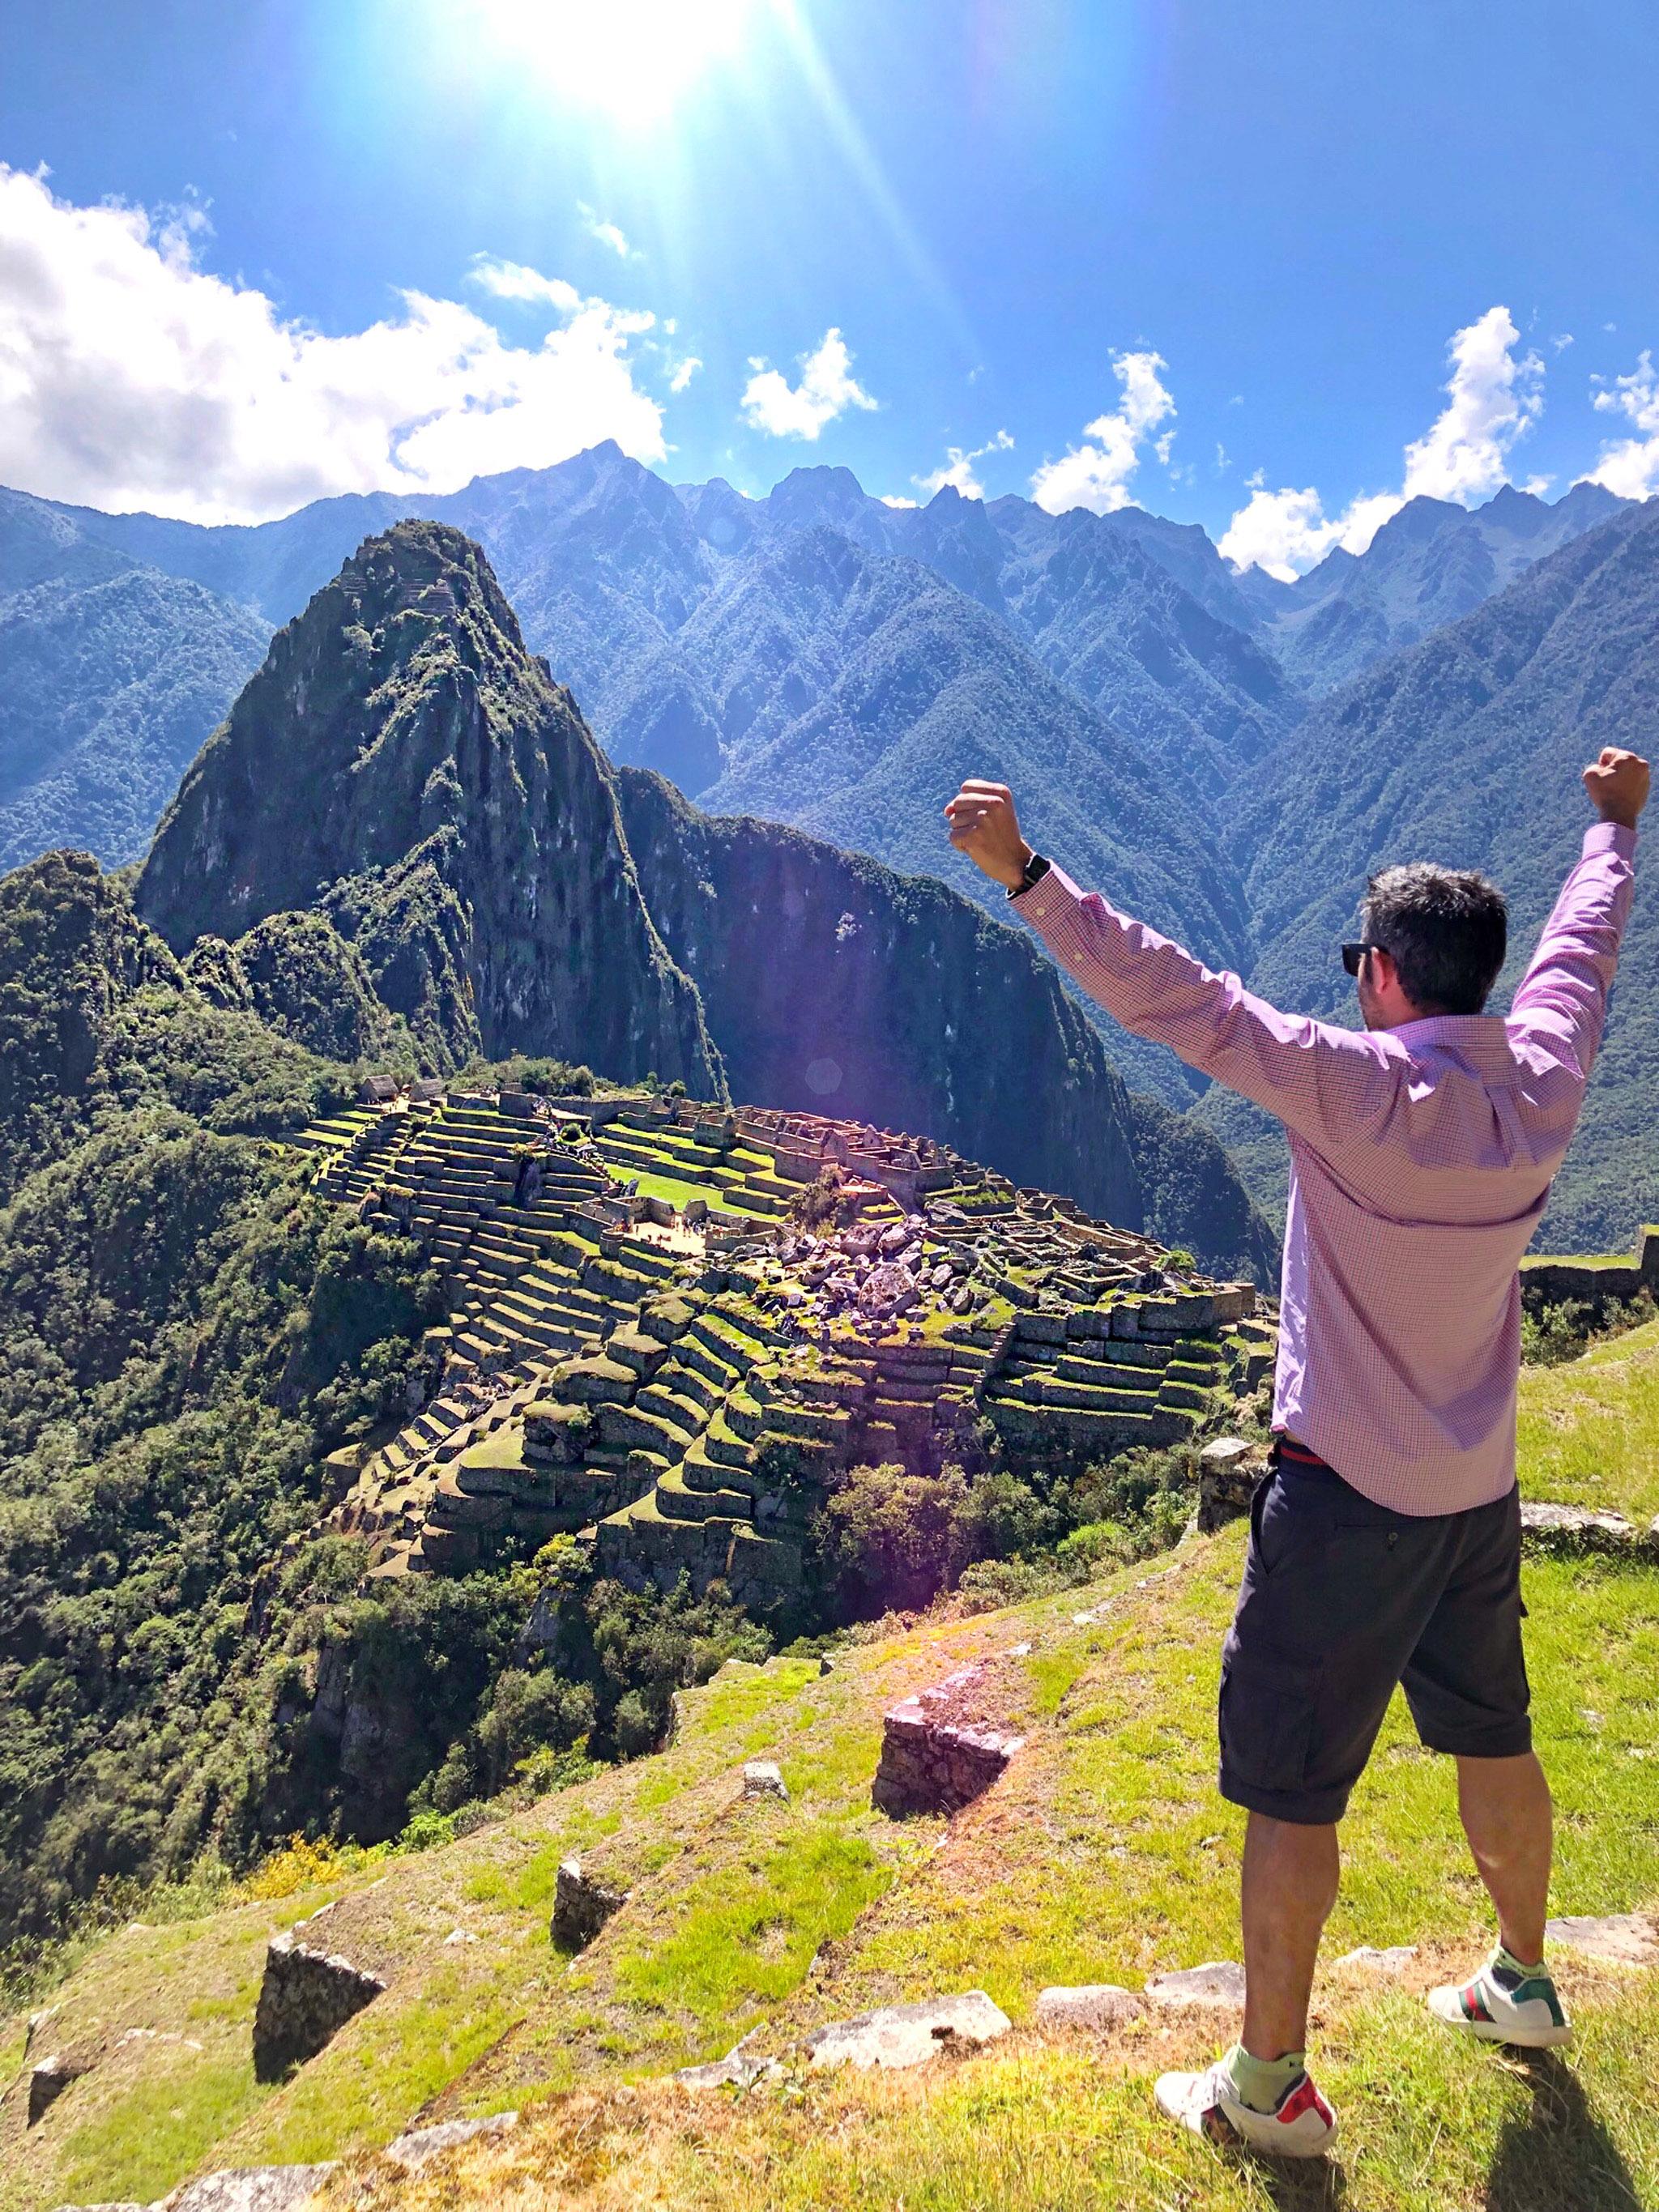 Machu Picchu Peru Aguas Calientes machu picchu - Machu Picchu Peru Aguas Calientes 01 - Machu Picchu, un sueño cumplido